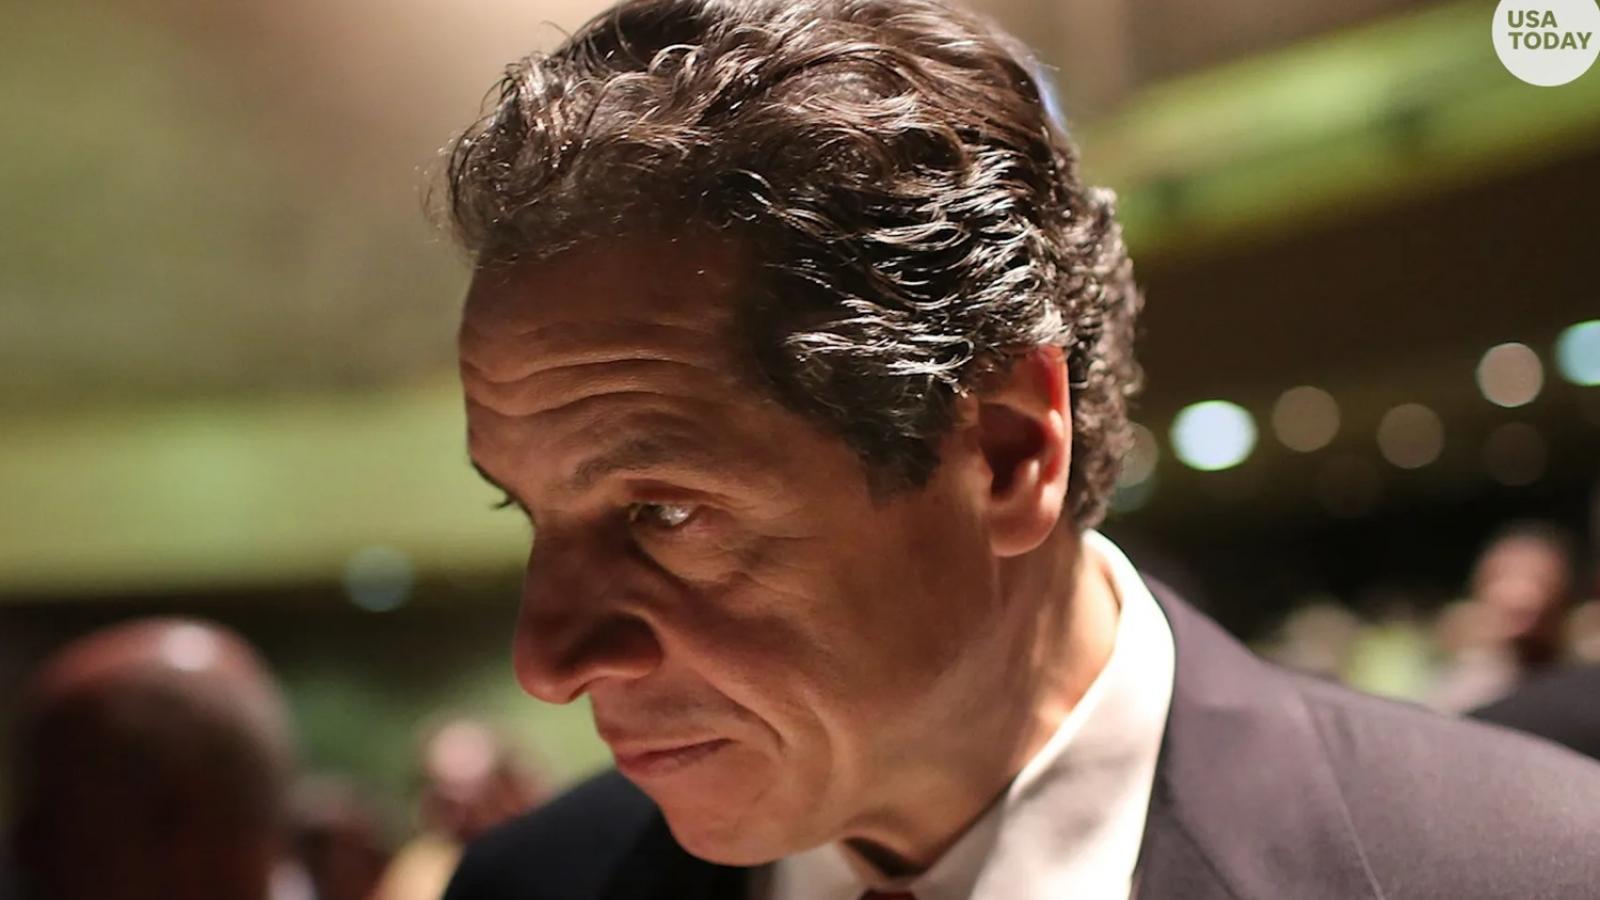 Thống đốc bang New York Cuomo bị phát hiện quấy rối tình dục 11 phụ nữ kể cả nữ cảnh sát